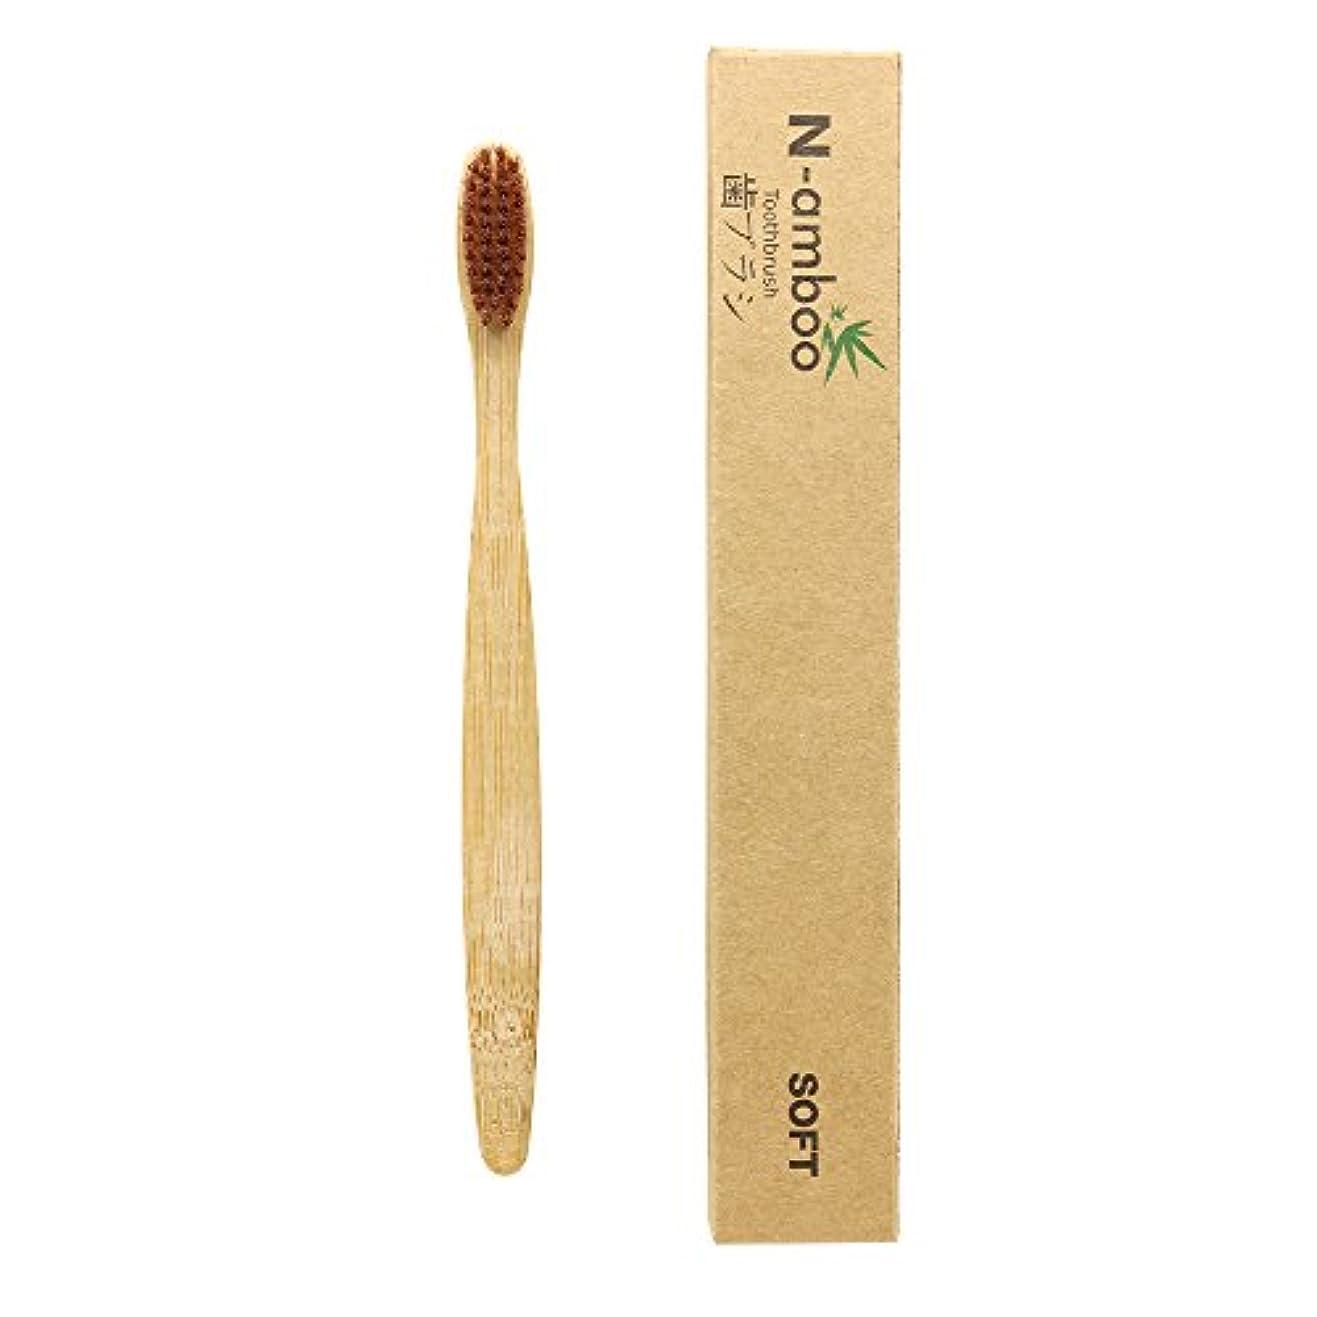 好意的急行する泳ぐN-amboo 竹製耐久度高い 歯ブラシ 茶褐色 1本入り